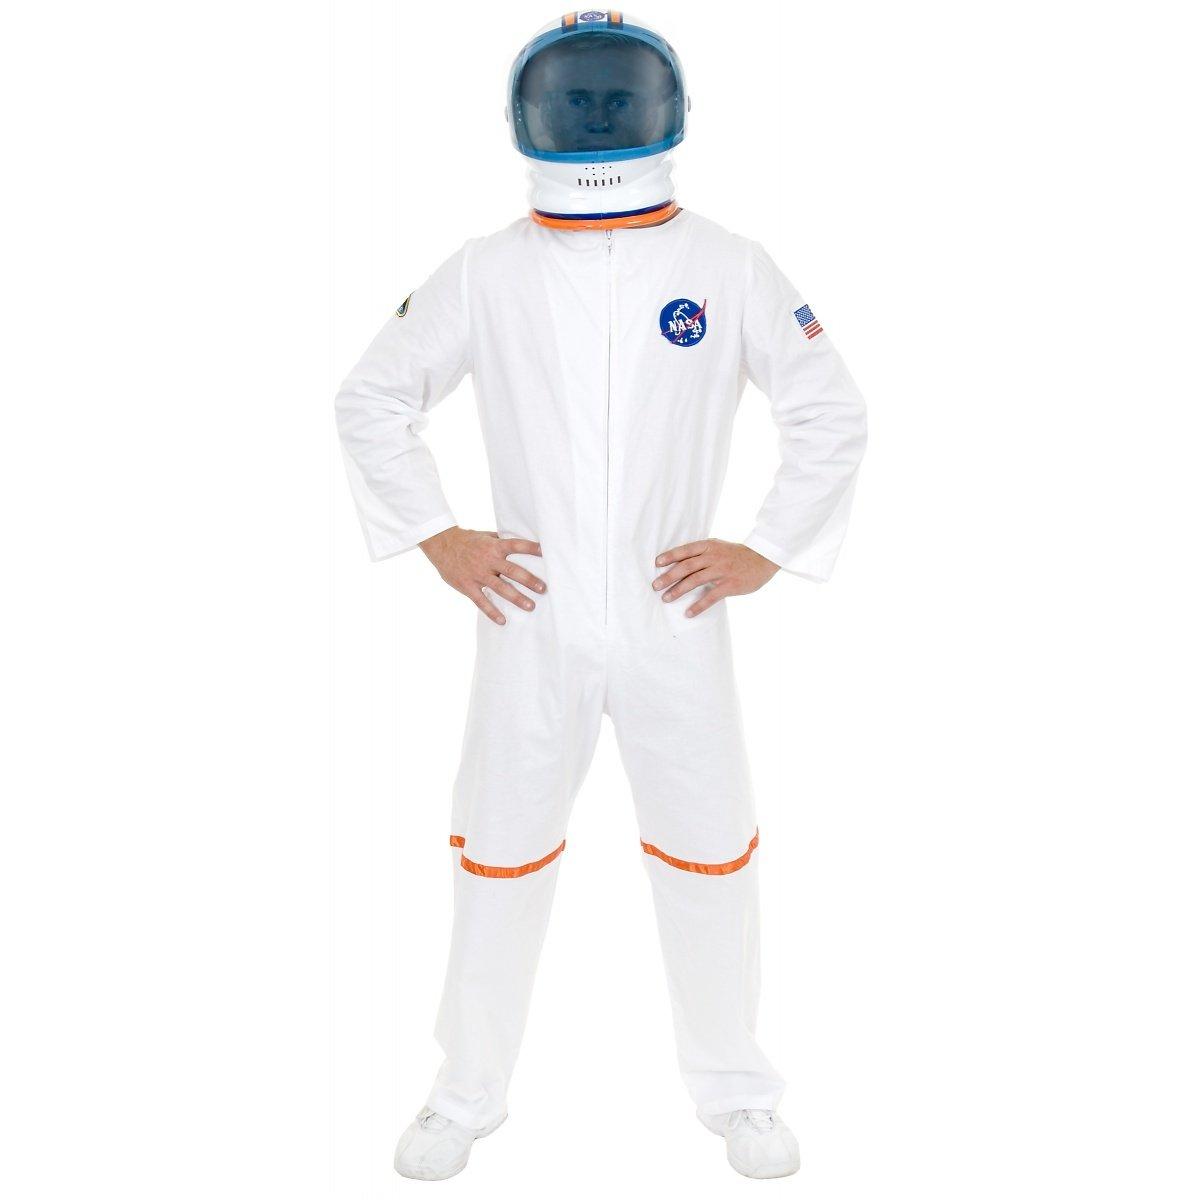 63769c241b2a Amazon.com  Astronaut Suit Adult Costume White - Plus Size 1X  Clothing